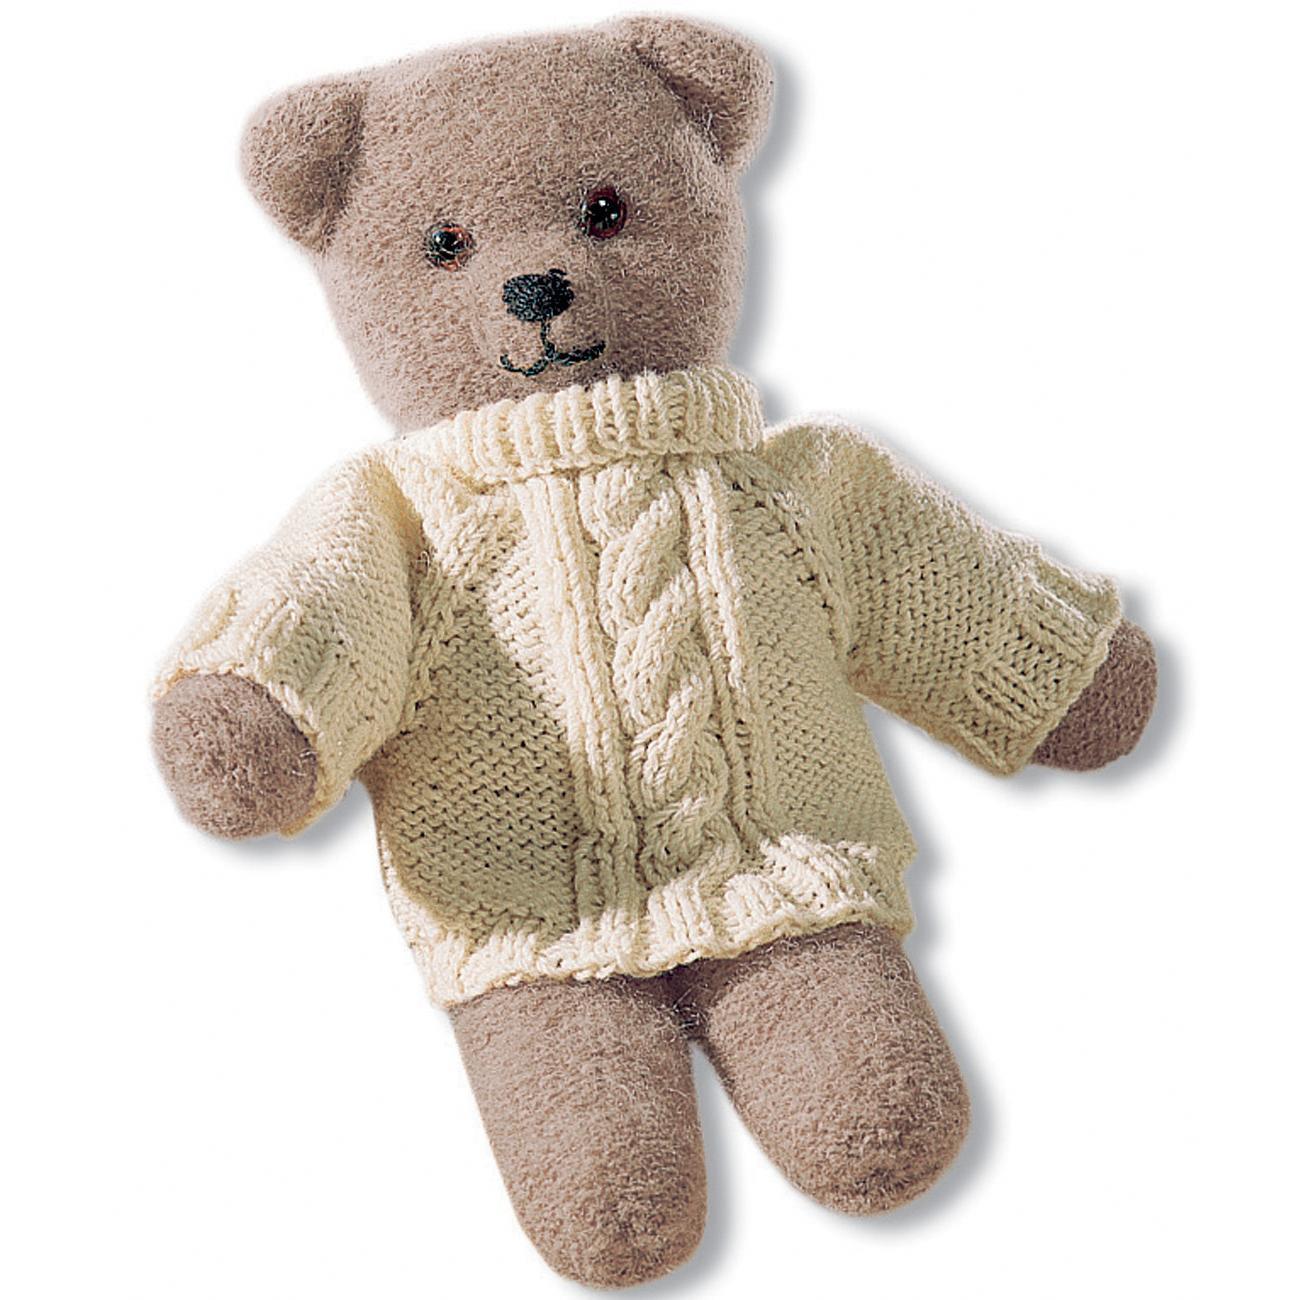 anleitung 250 4 teddy aus poco mit pulli aus landwolle von junghans wolle 2 versch farben. Black Bedroom Furniture Sets. Home Design Ideas